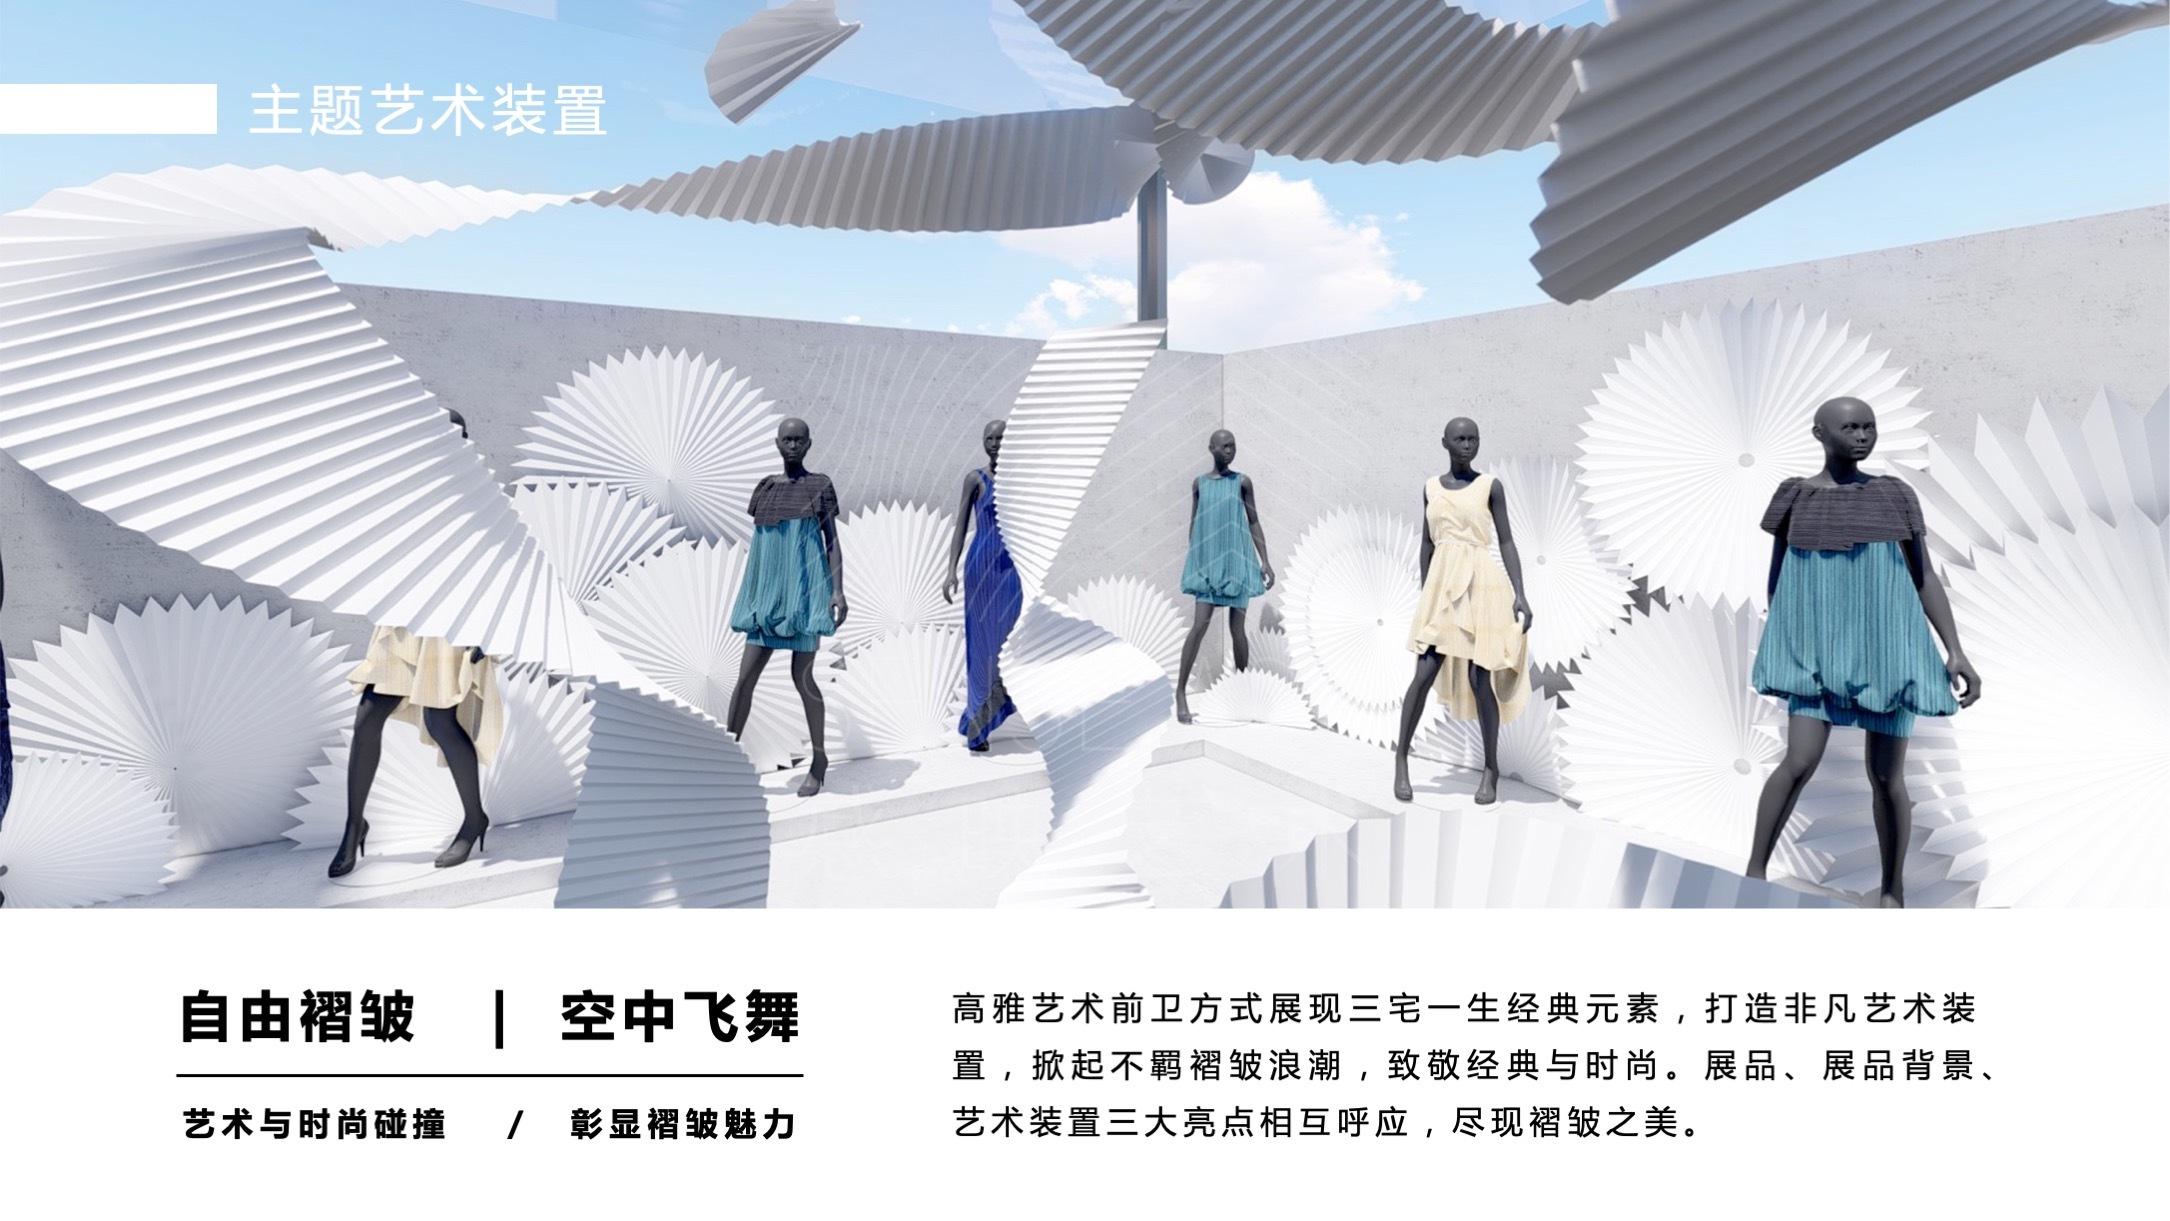 【时间的褶皱】三宅一生褶皱裙时尚艺术收藏展—感映艺术出品